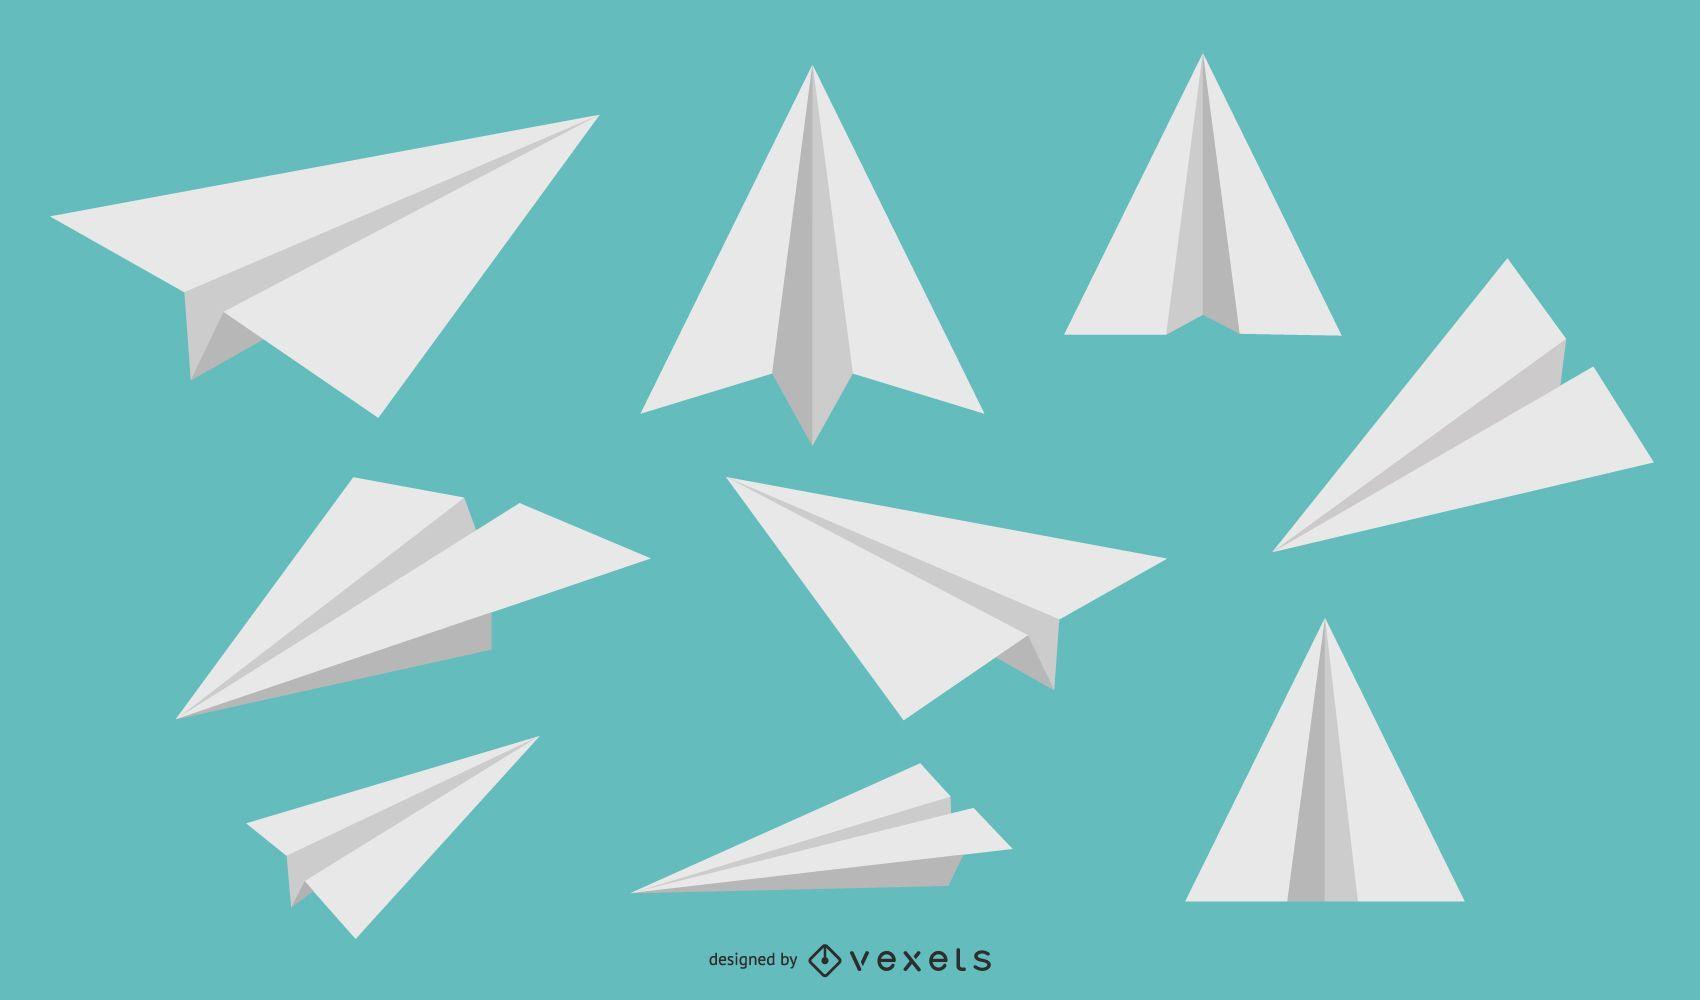 Conjunto de vectores de aviones de papel